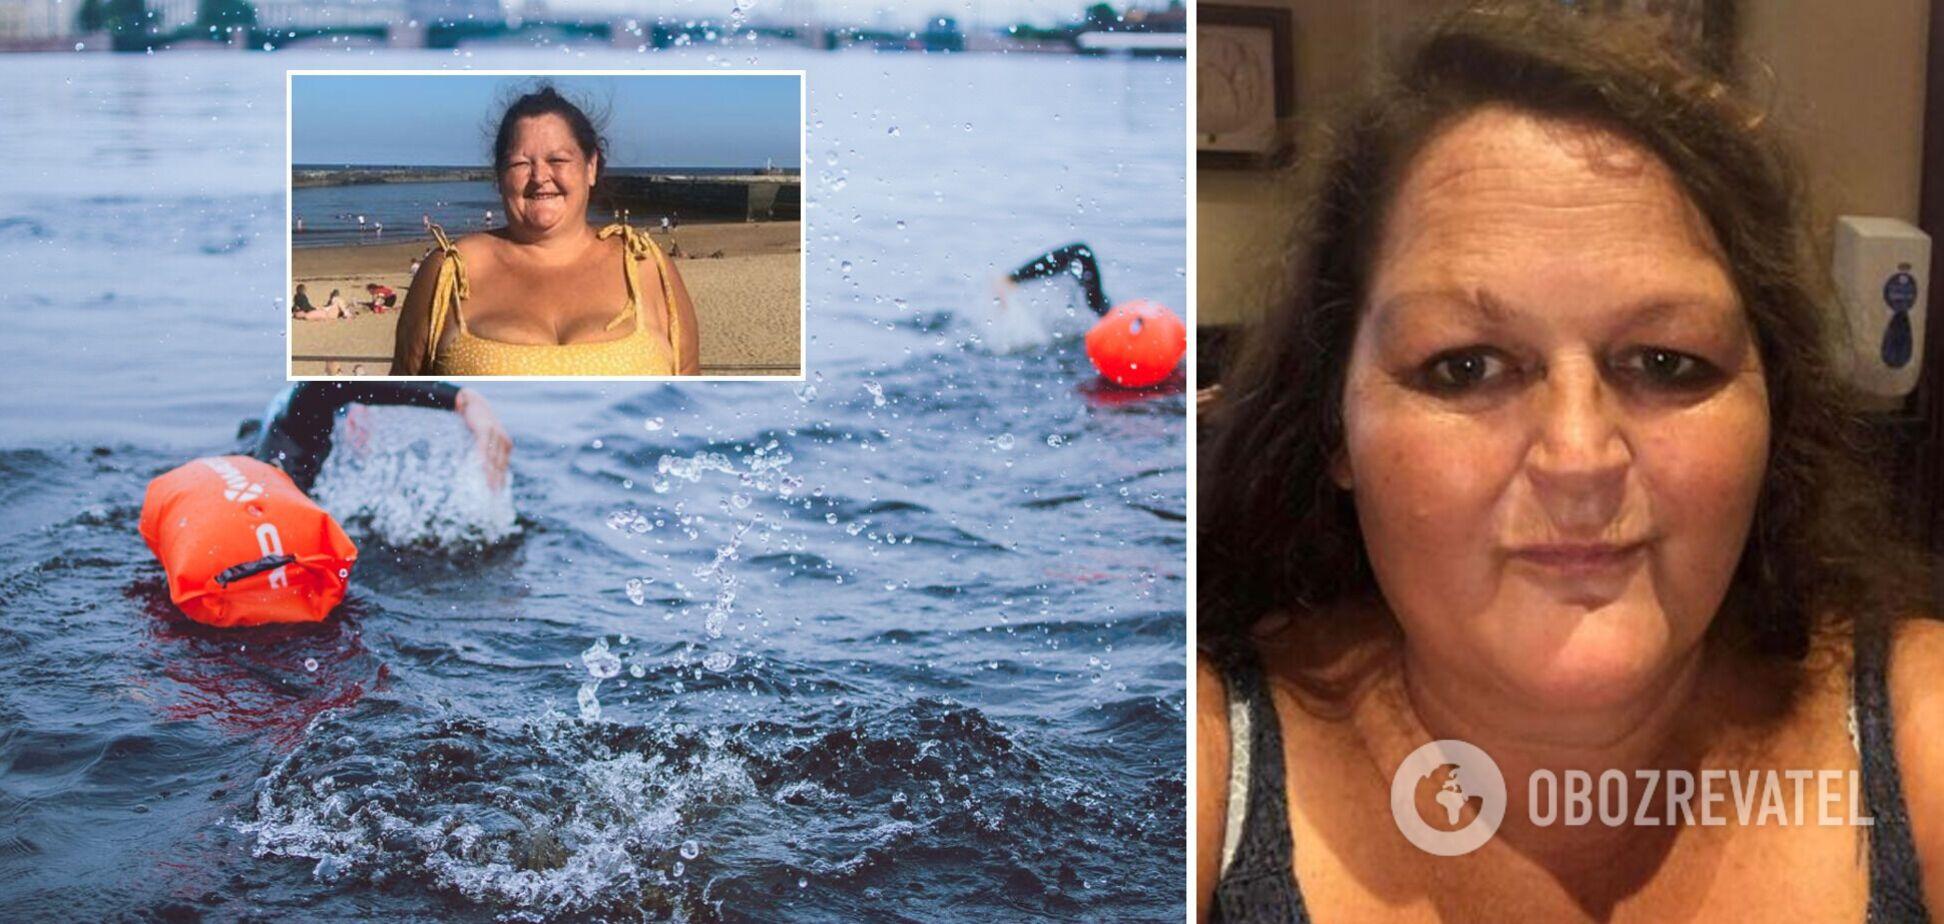 Женщина в отчаянии занялась плаванием и похудела на 101 кг за год. Фото до и после